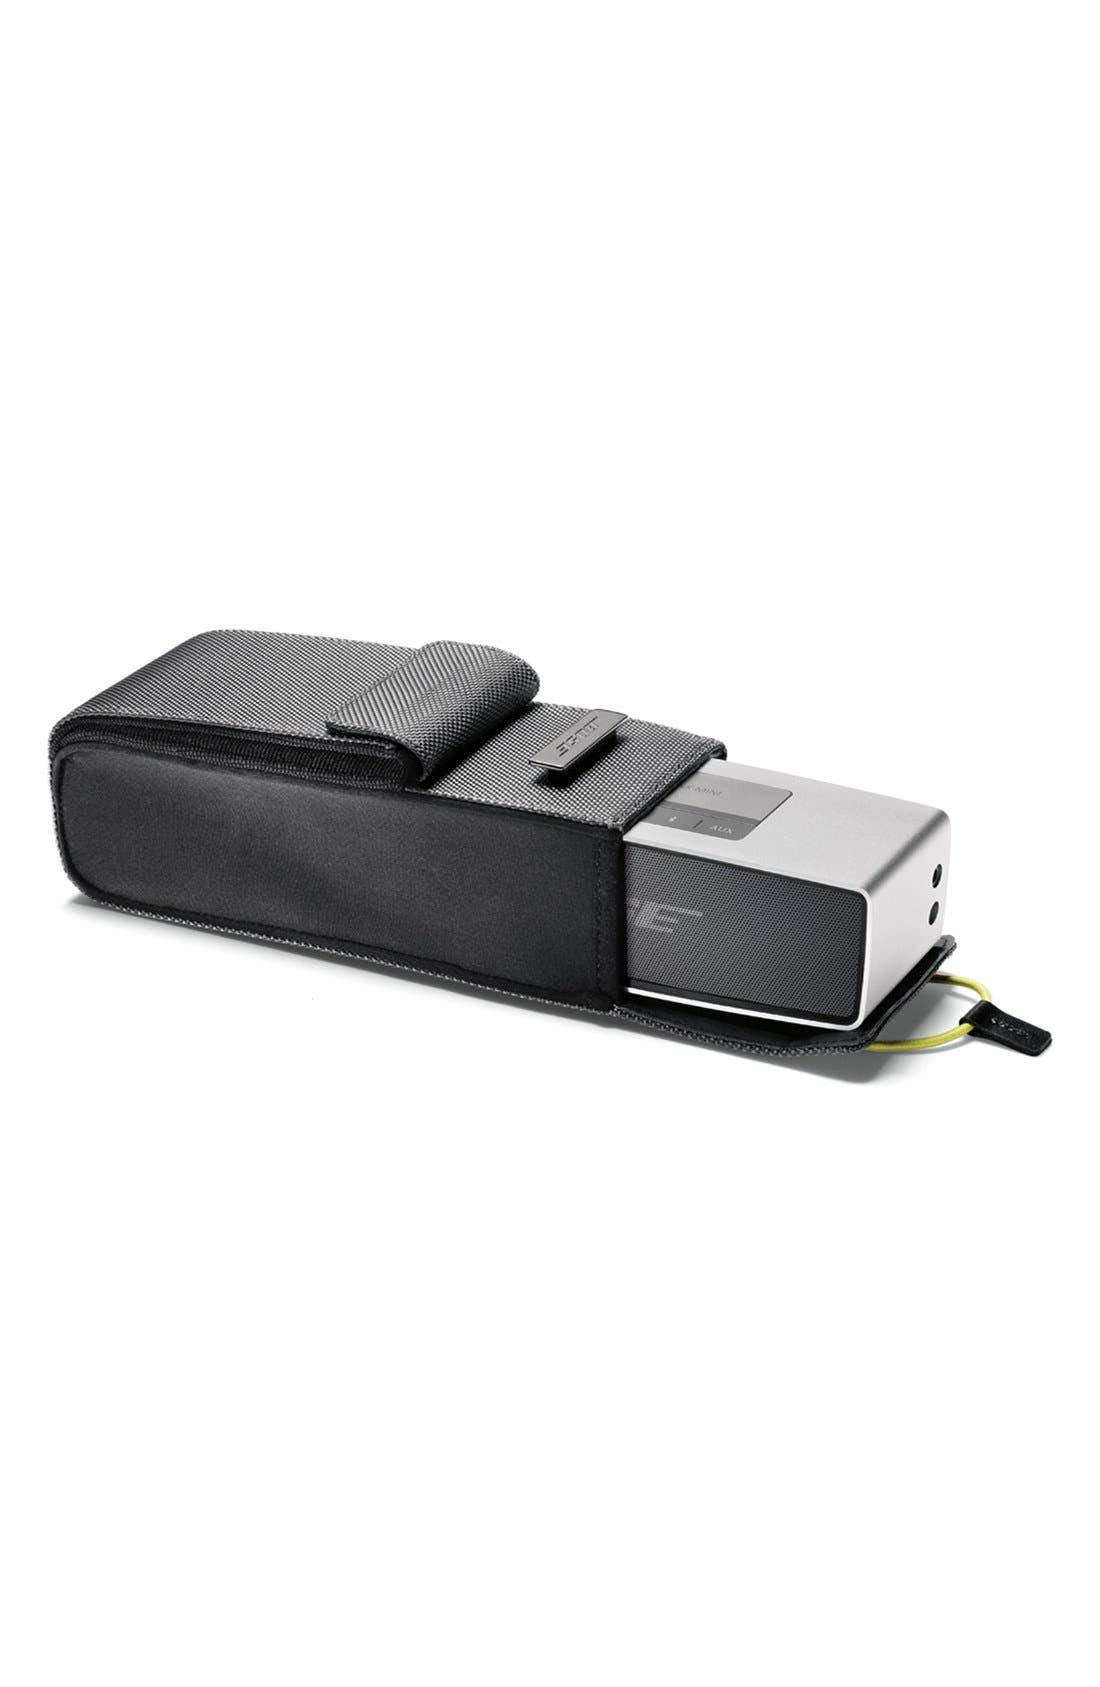 Alternate Image 1 Selected - Bose® SoundLink® Mini Travel Bag